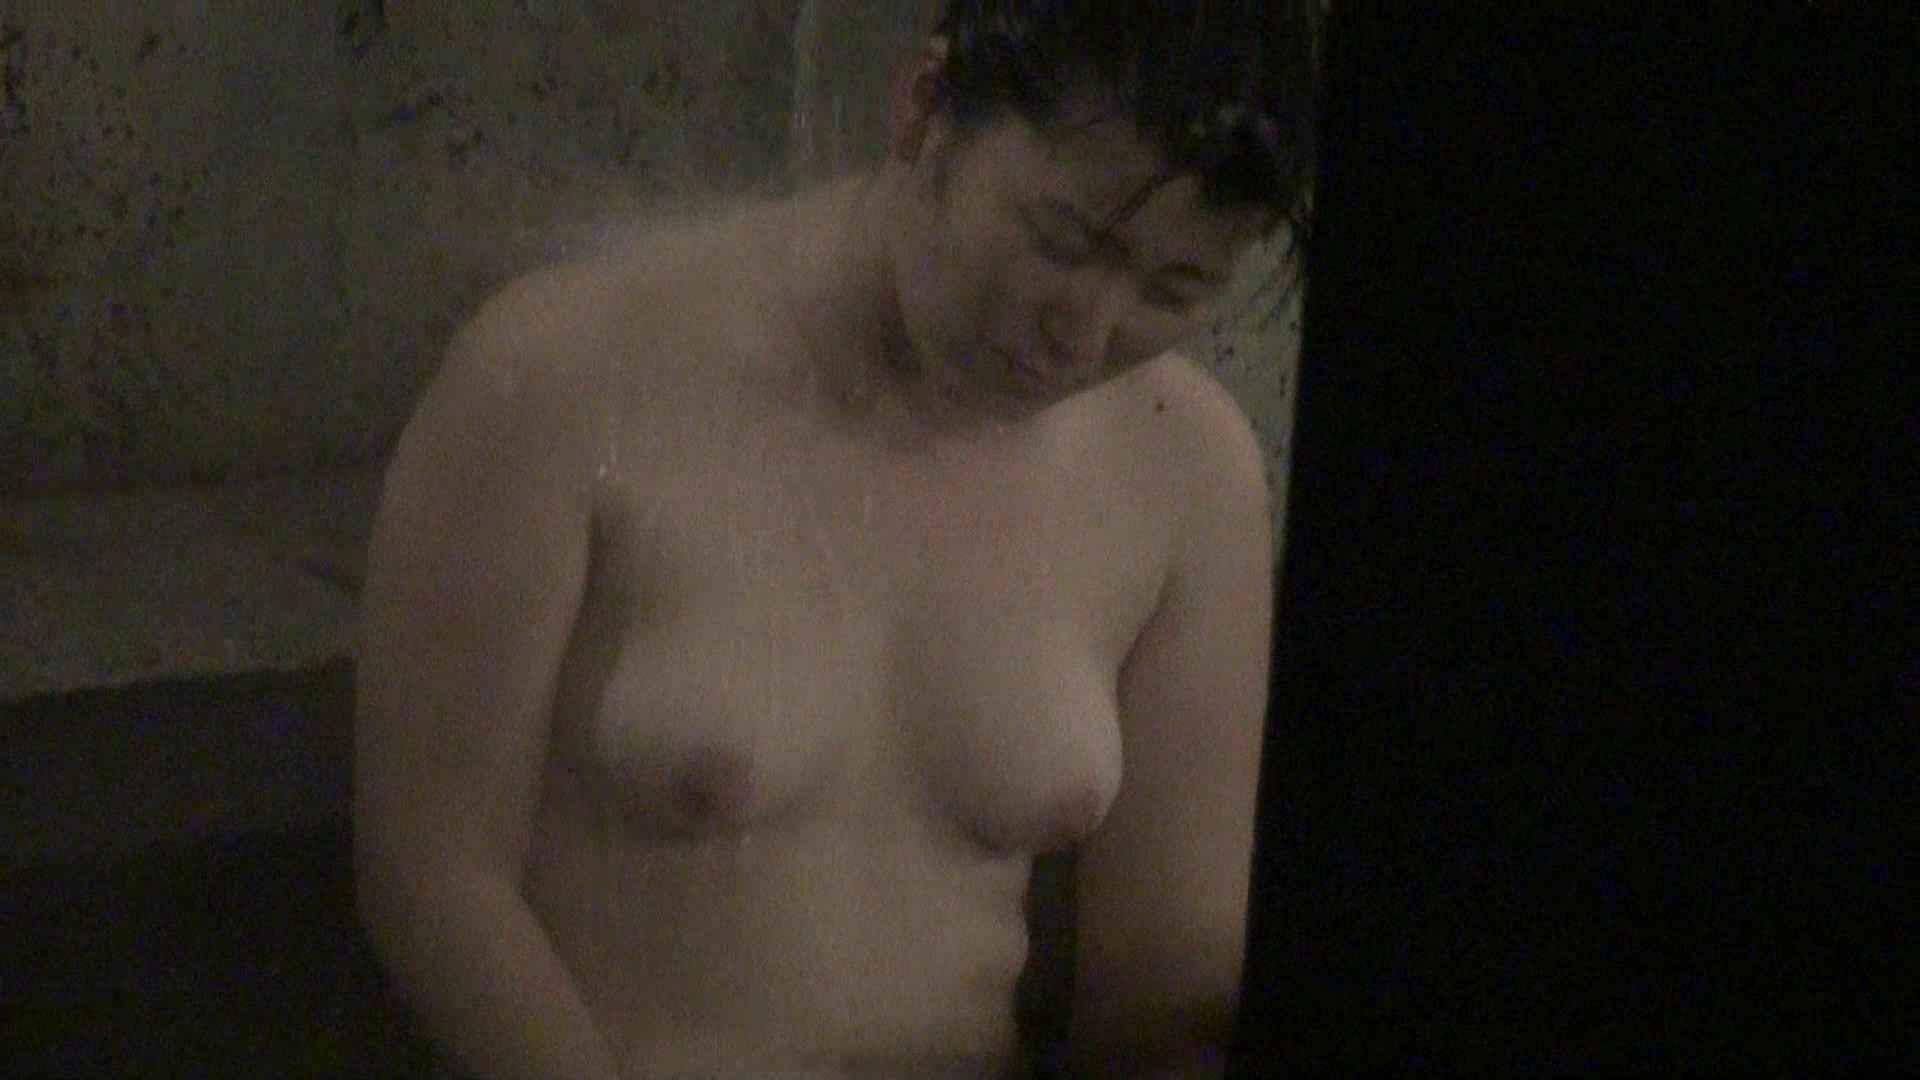 Aquaな露天風呂Vol.334 美しいOLの裸体  102pic 57